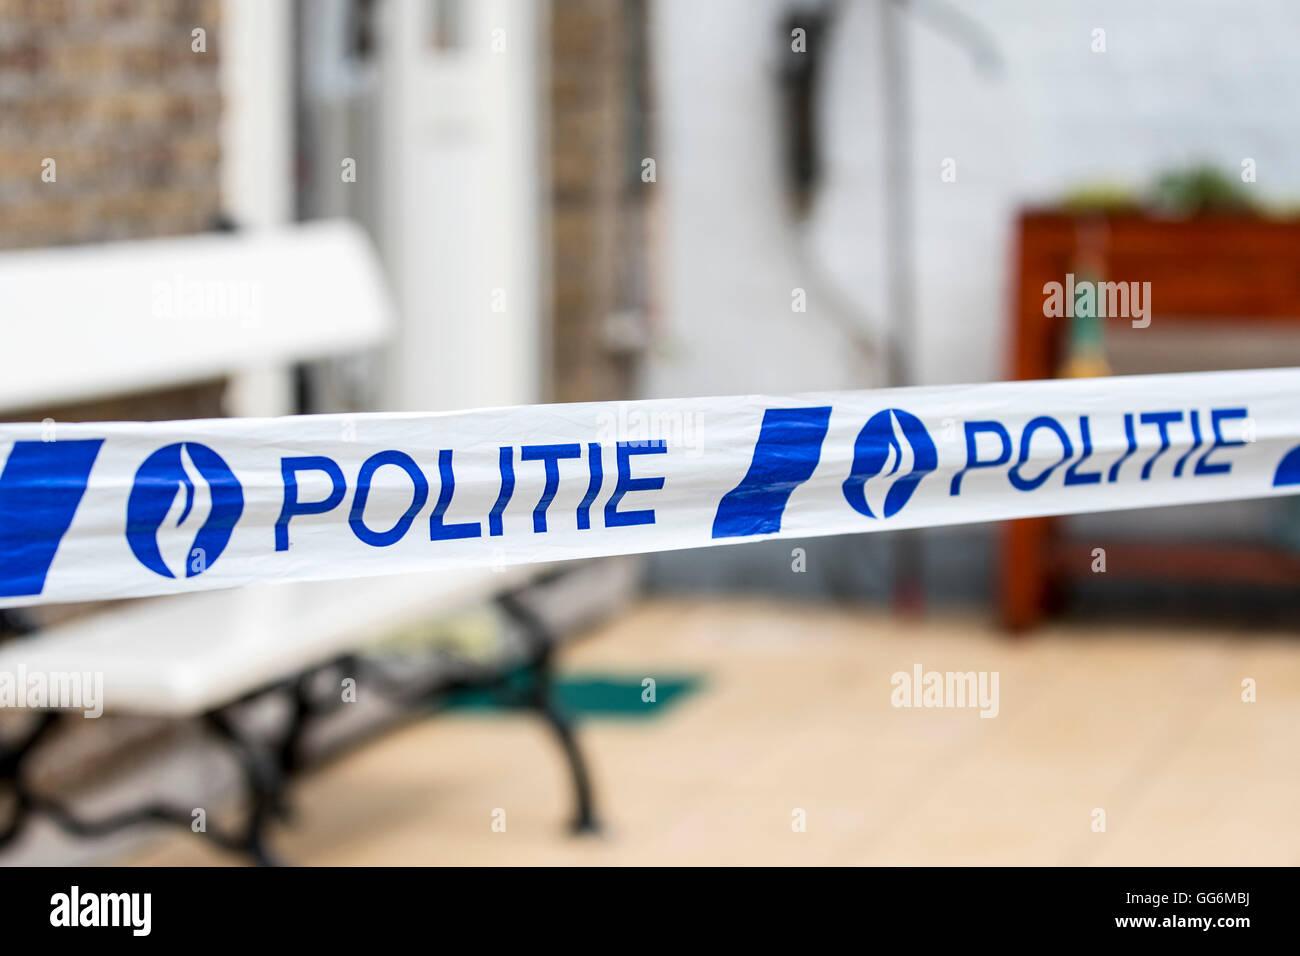 Belgische Polizei / Politie tape am Tatort, Belgien Stockbild